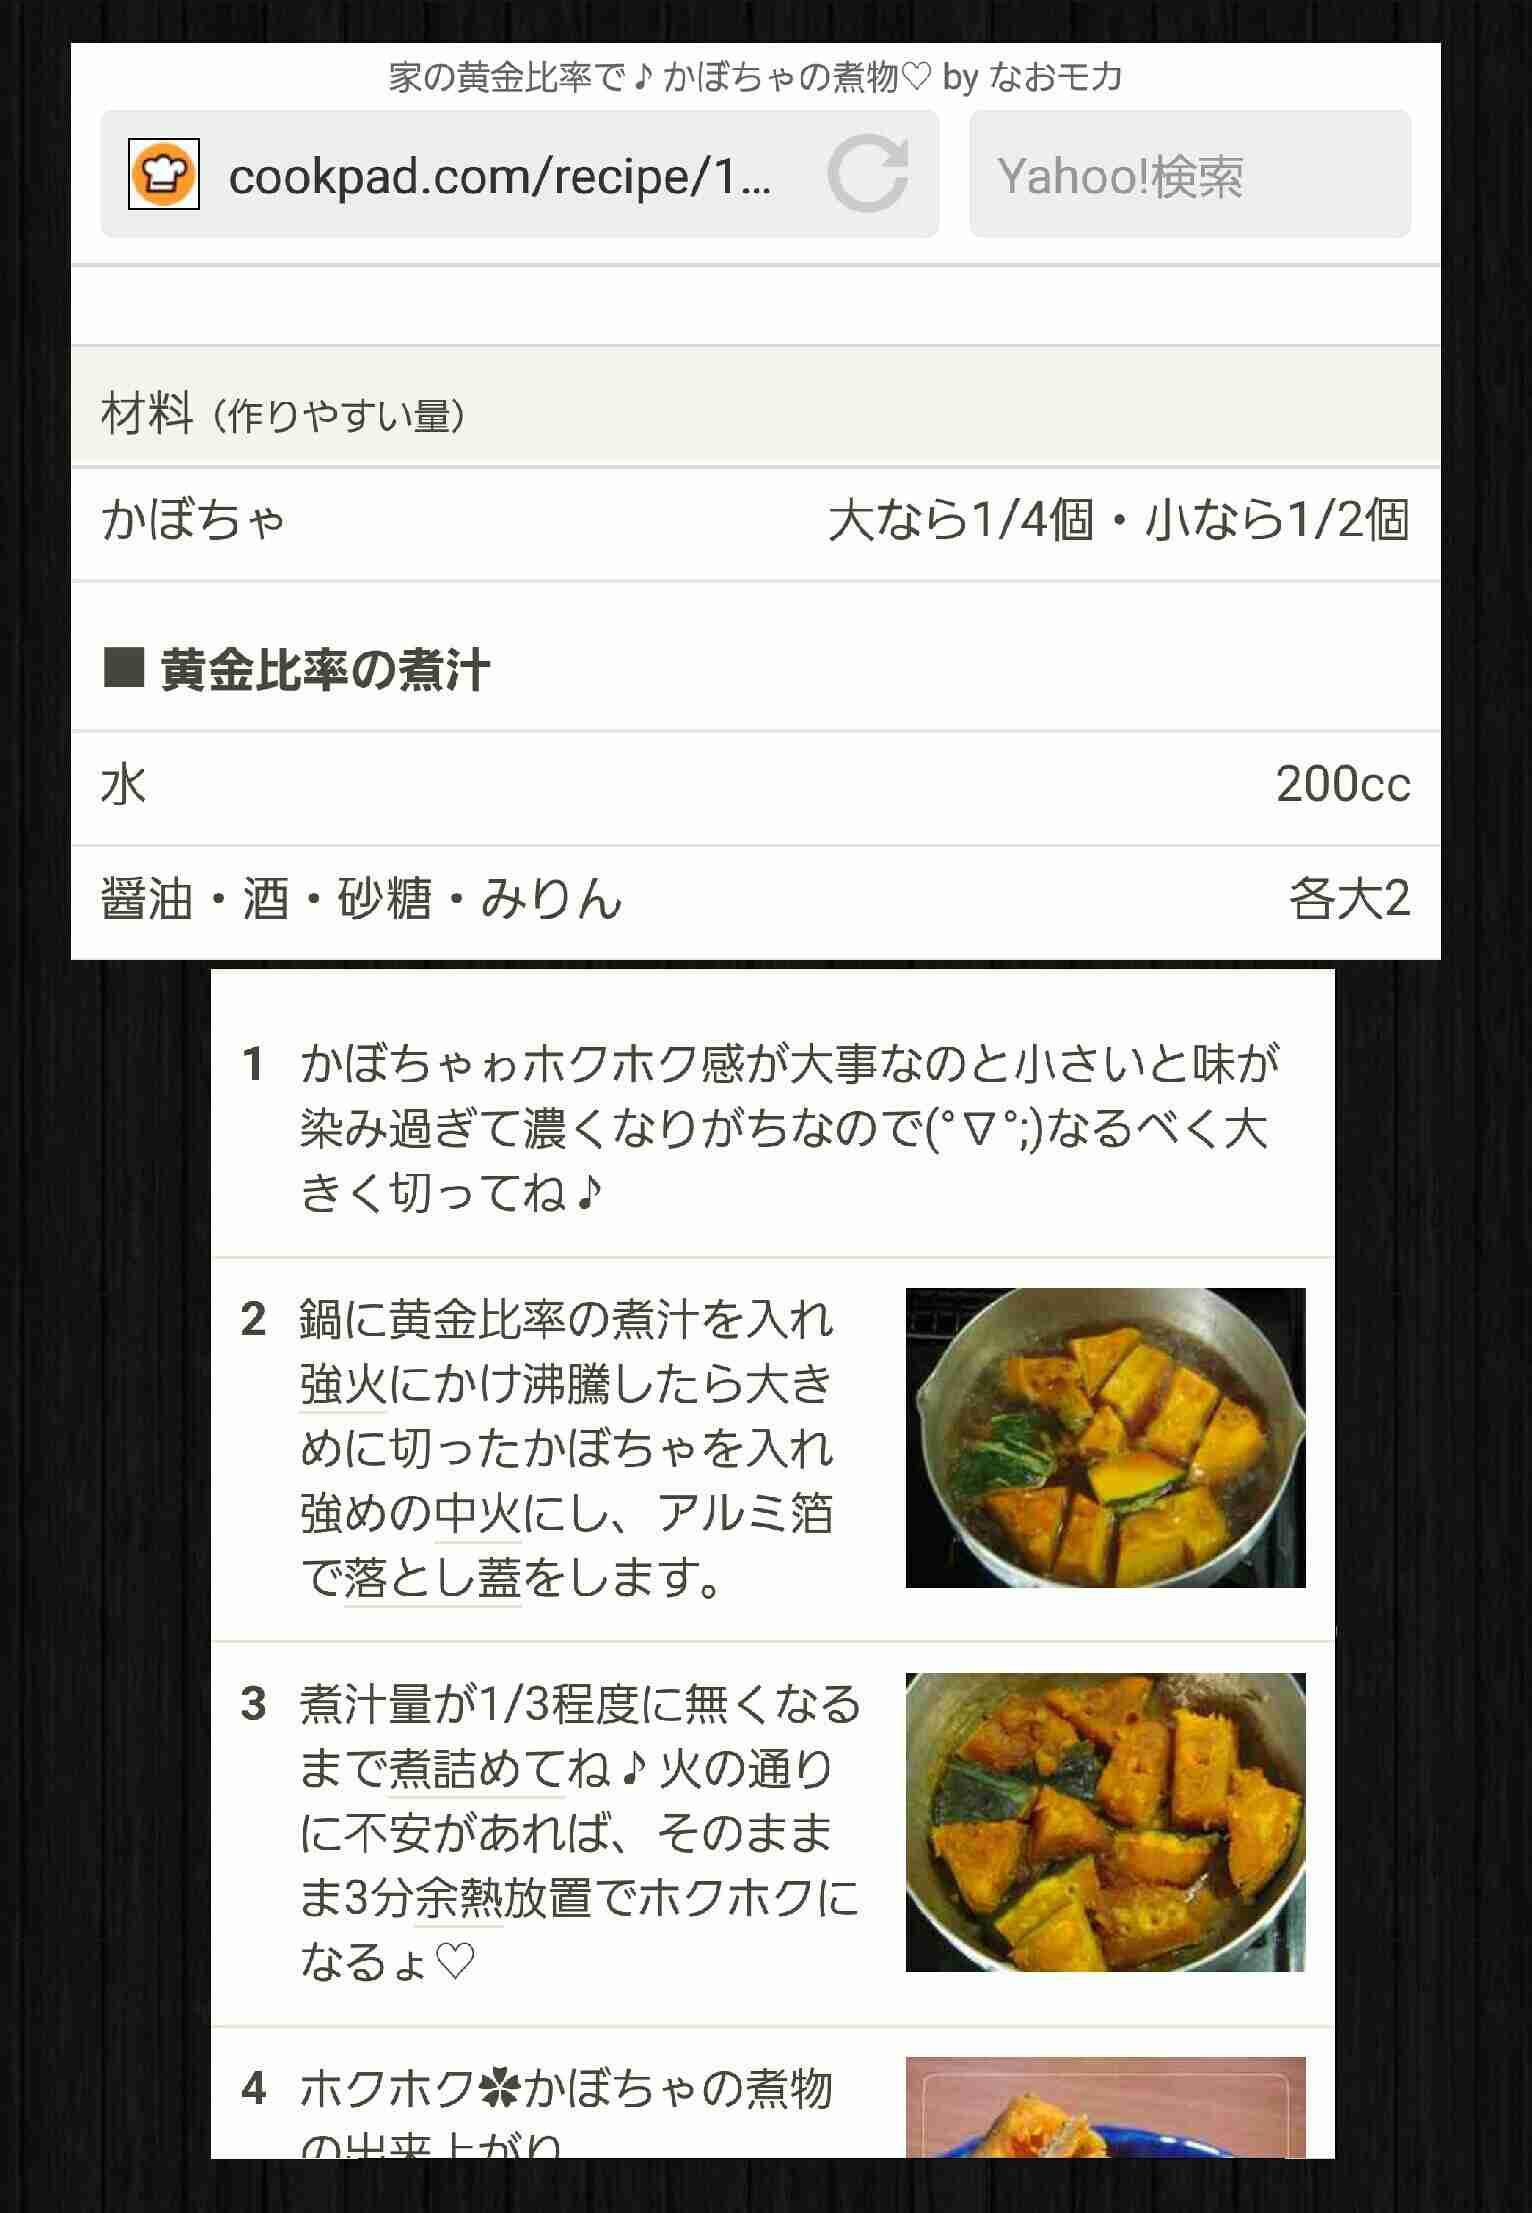 簡単な作りおき惣菜を教えて下さい!